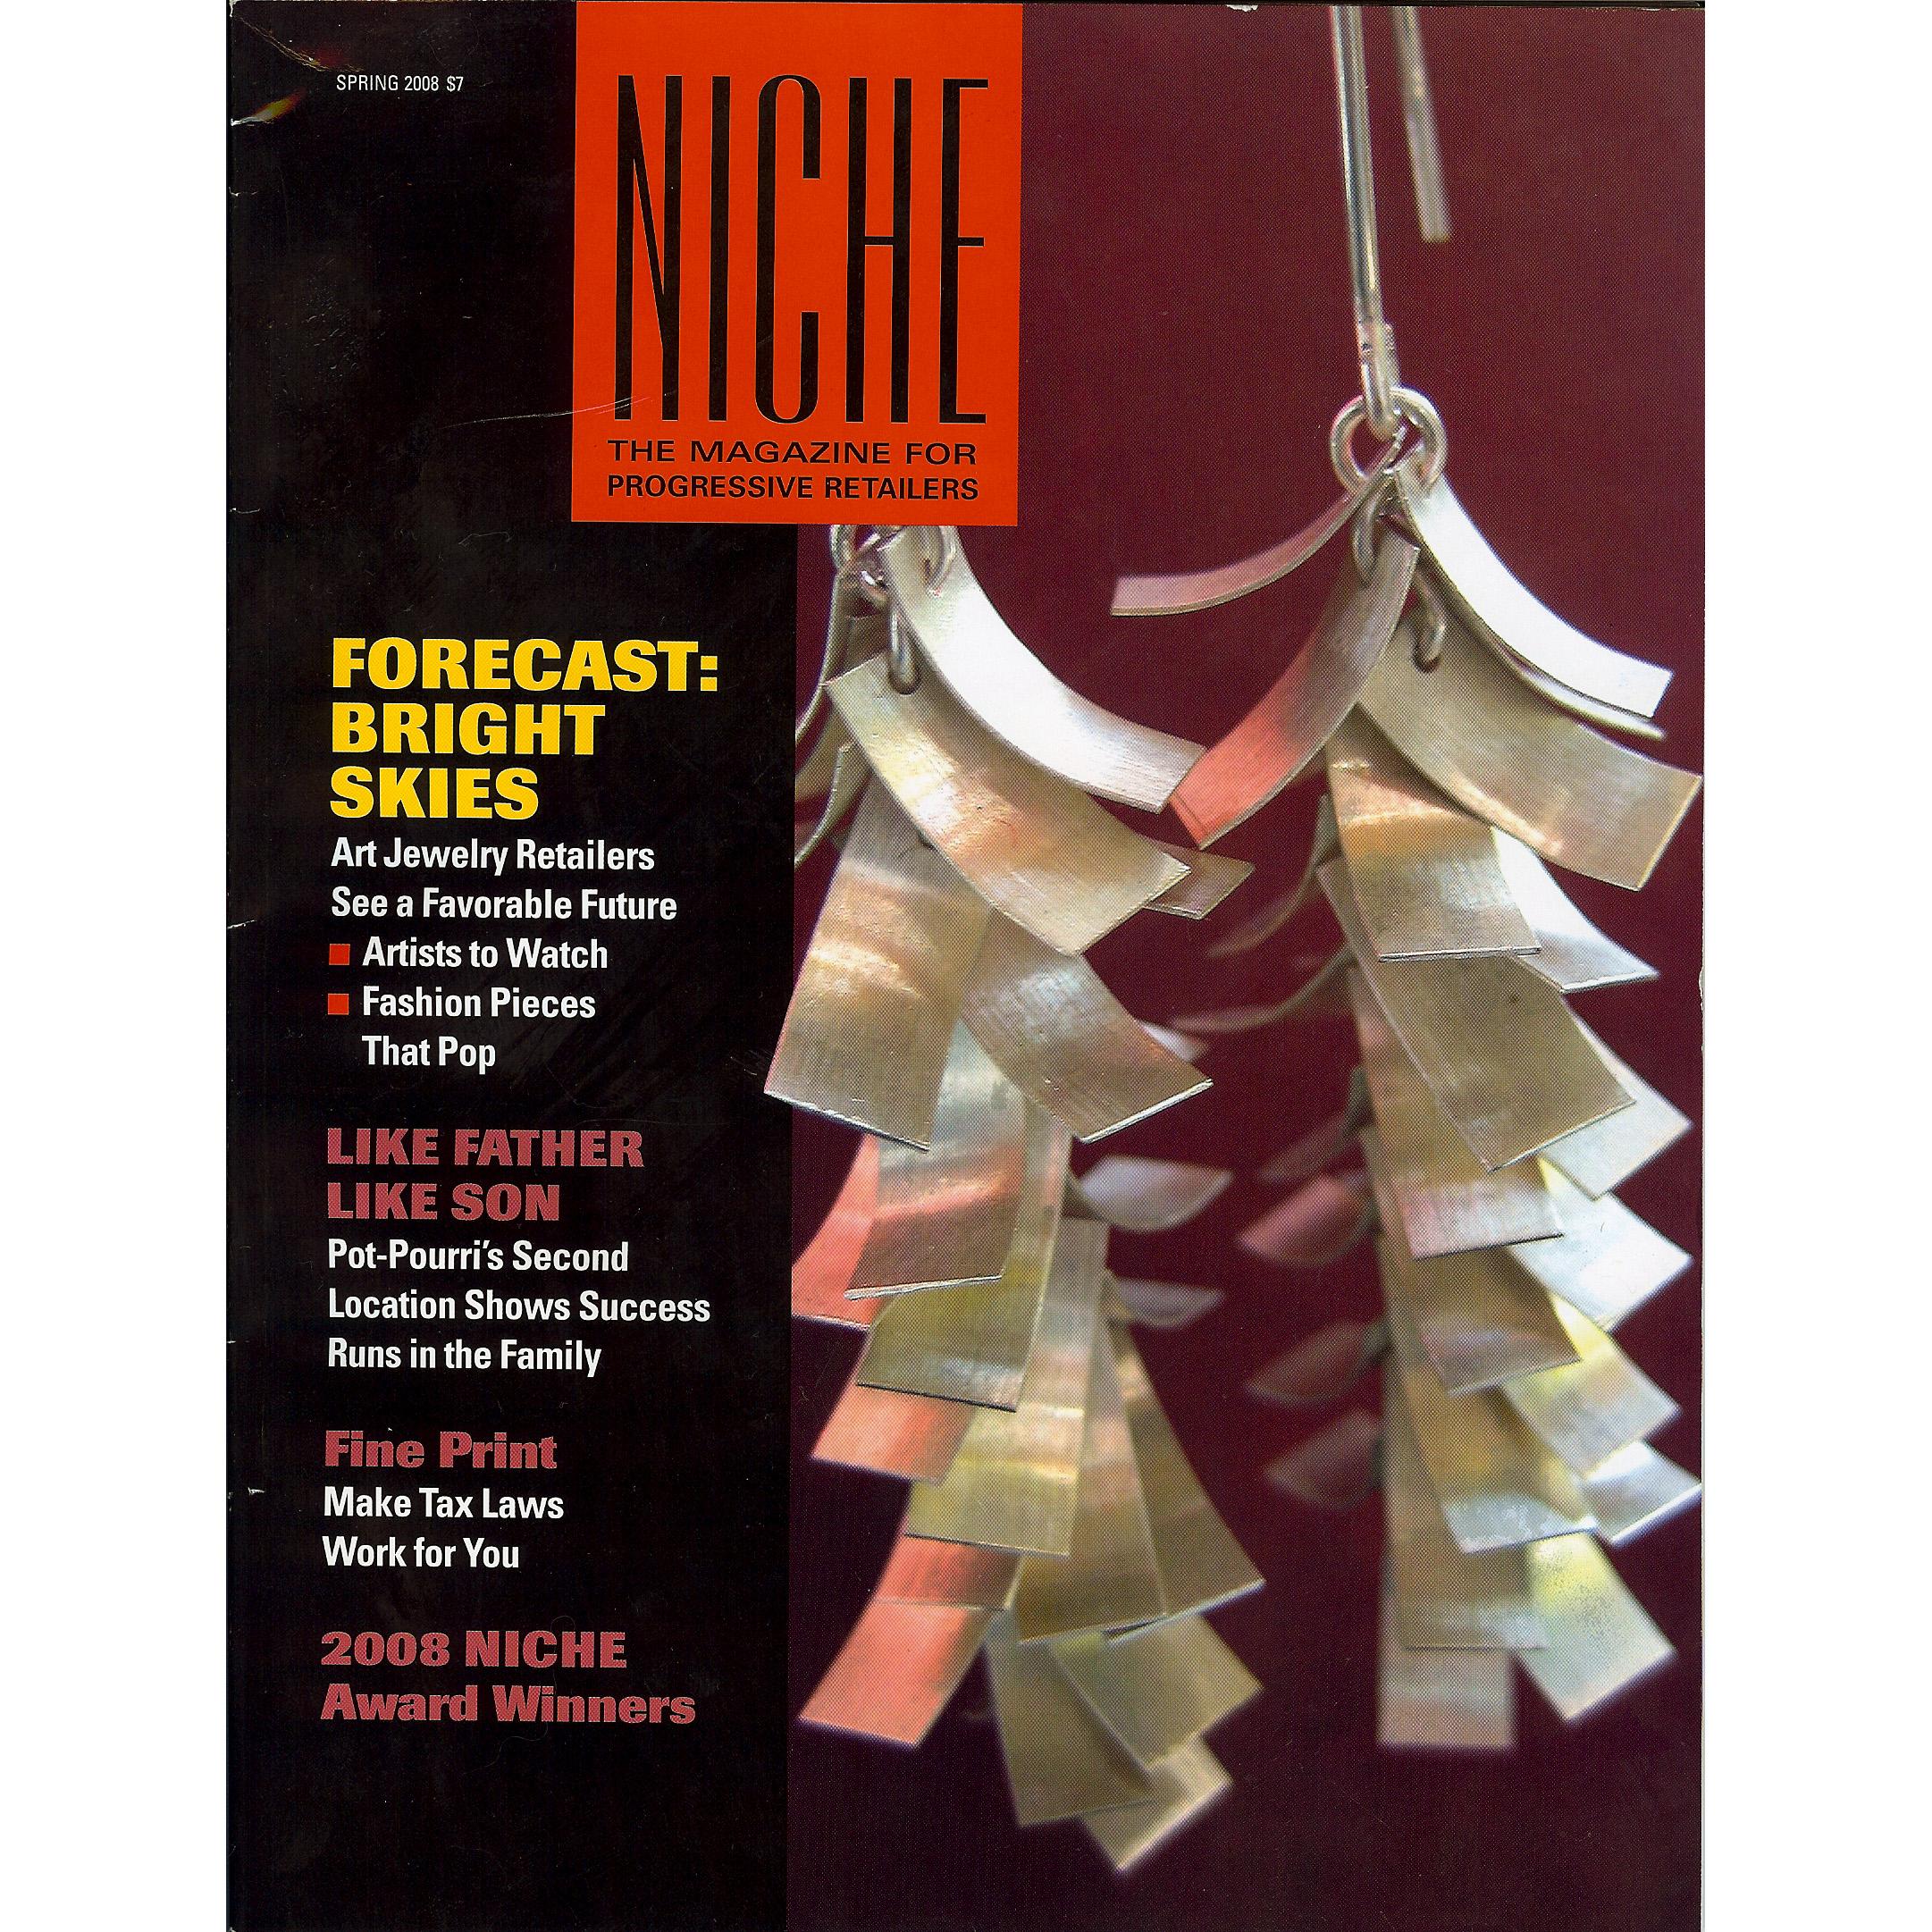 NICHE magazine - Spring 2008